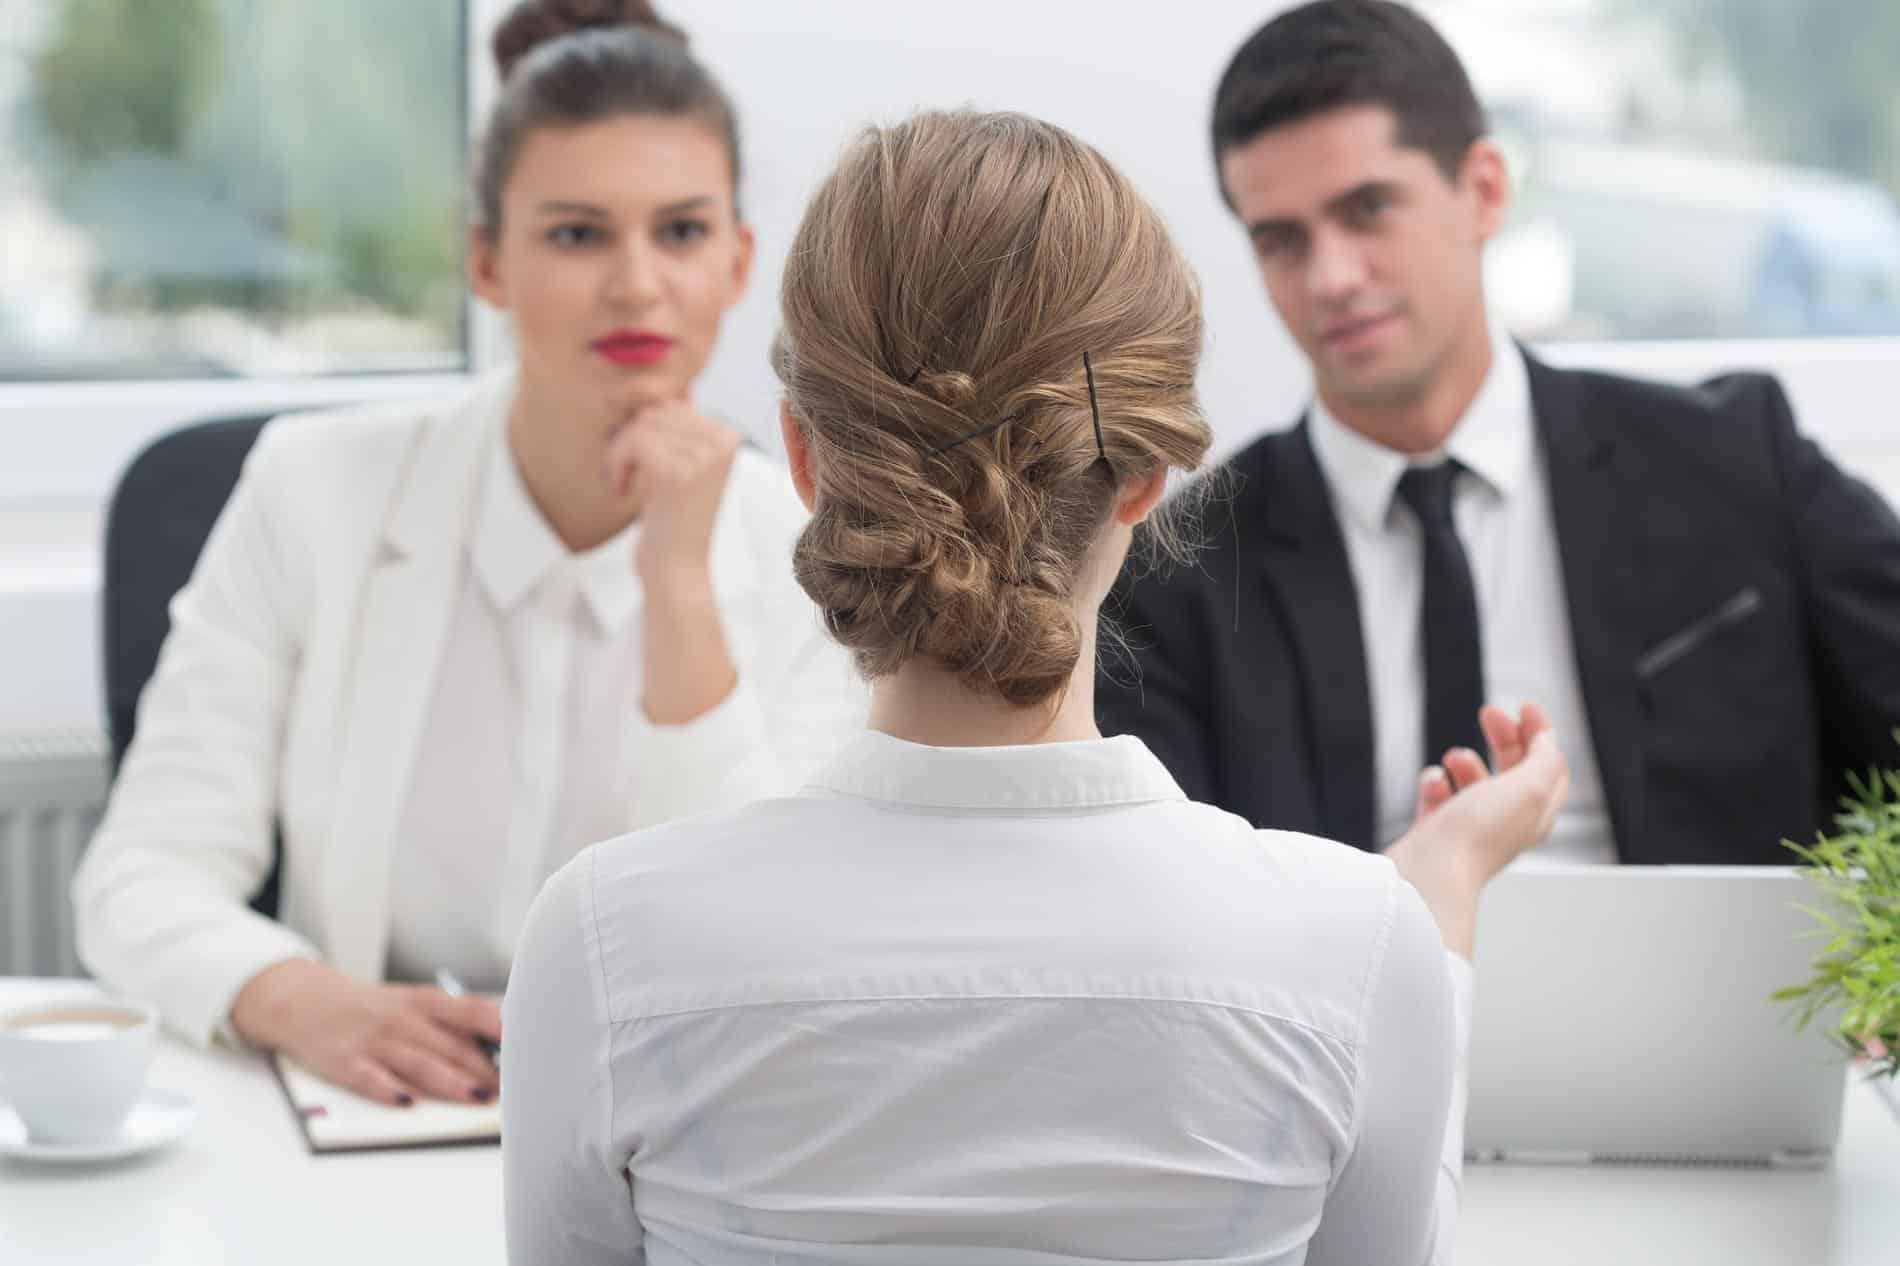 Entretien d'embauche : 5 conseils pour faire une bonne impression